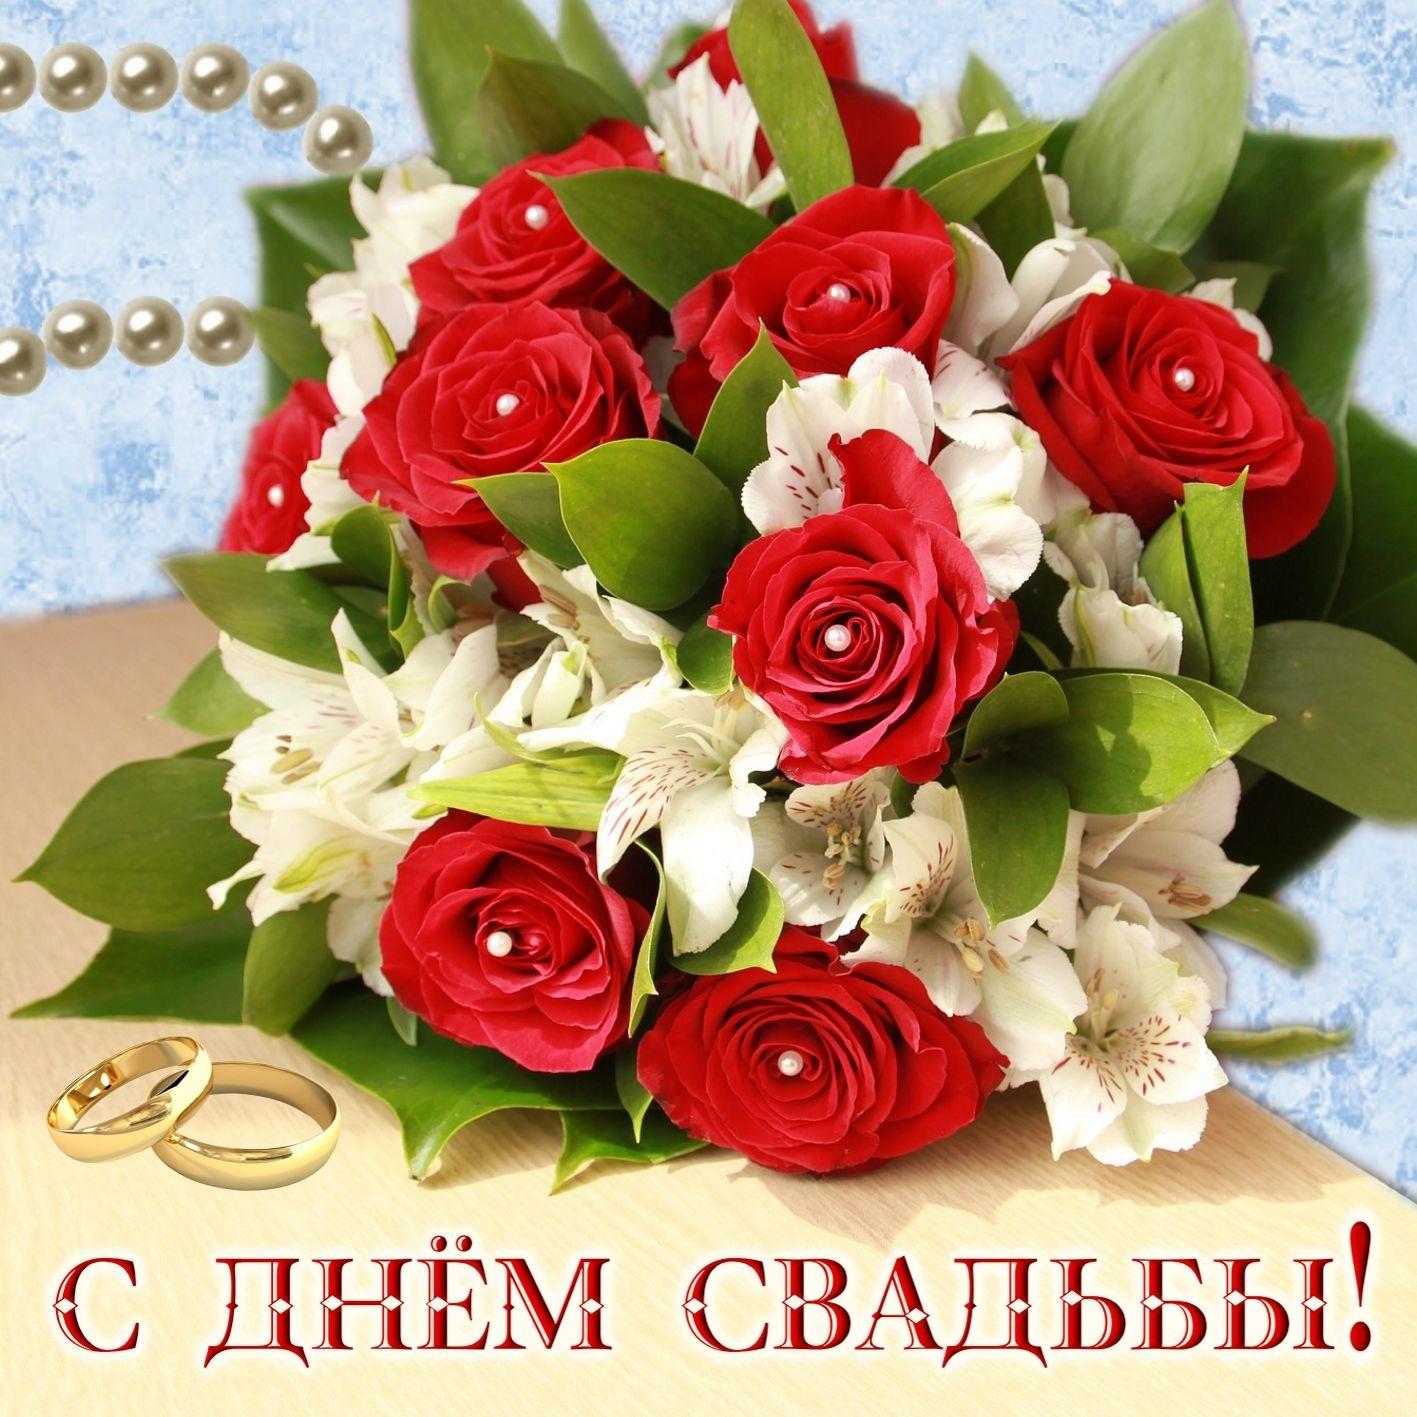 сердечно поздравление с днем свадьбы